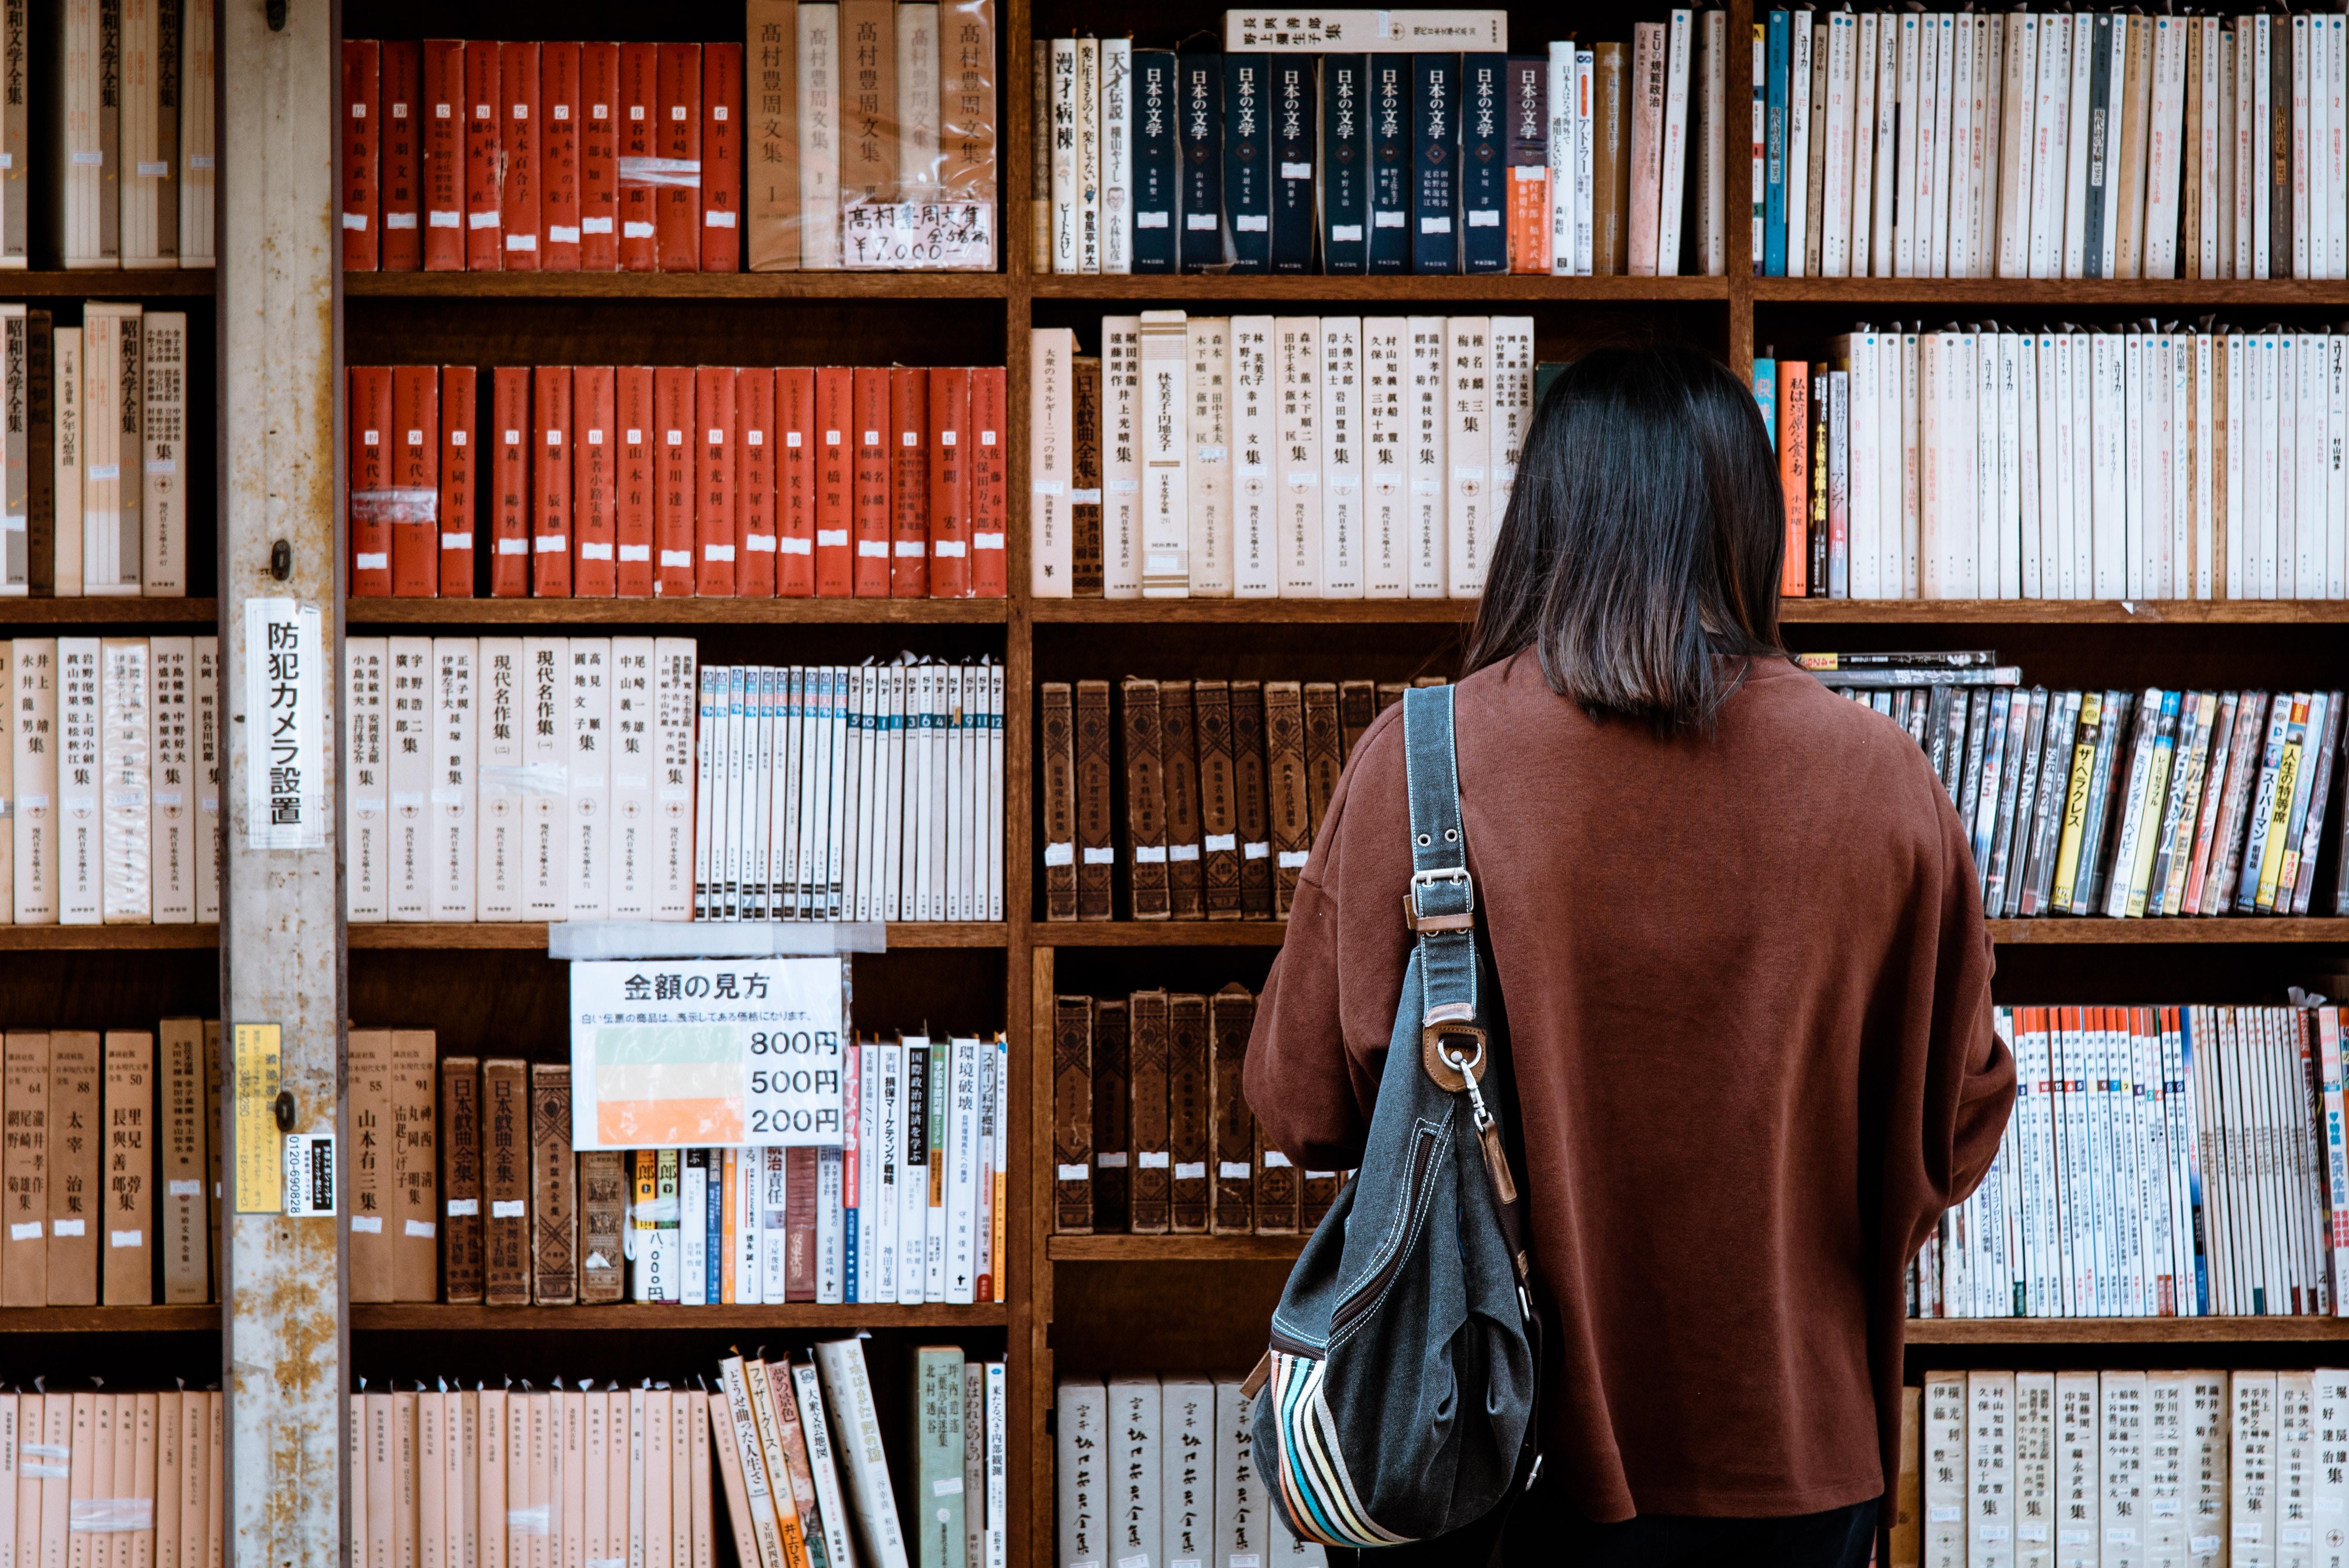 book-bookcase-books-1106468